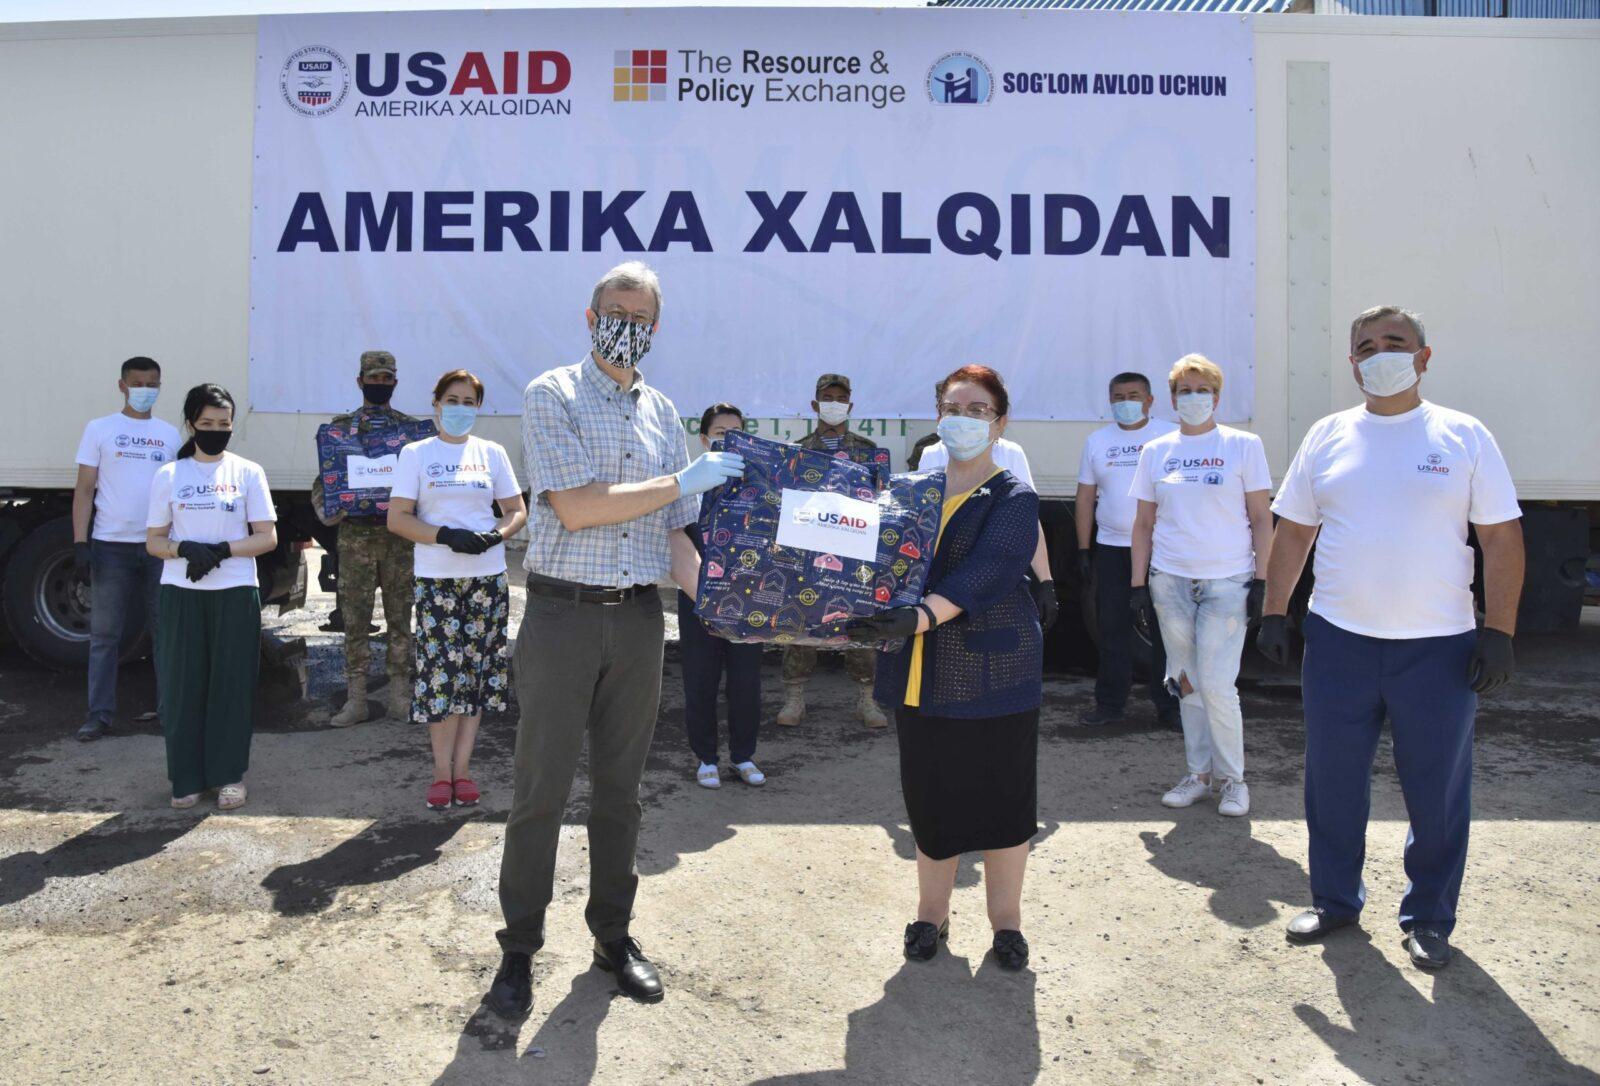 Посольство США передало наборы гумпомощи для пострадавших от прорыва дамбы Сардобинского водохранилища